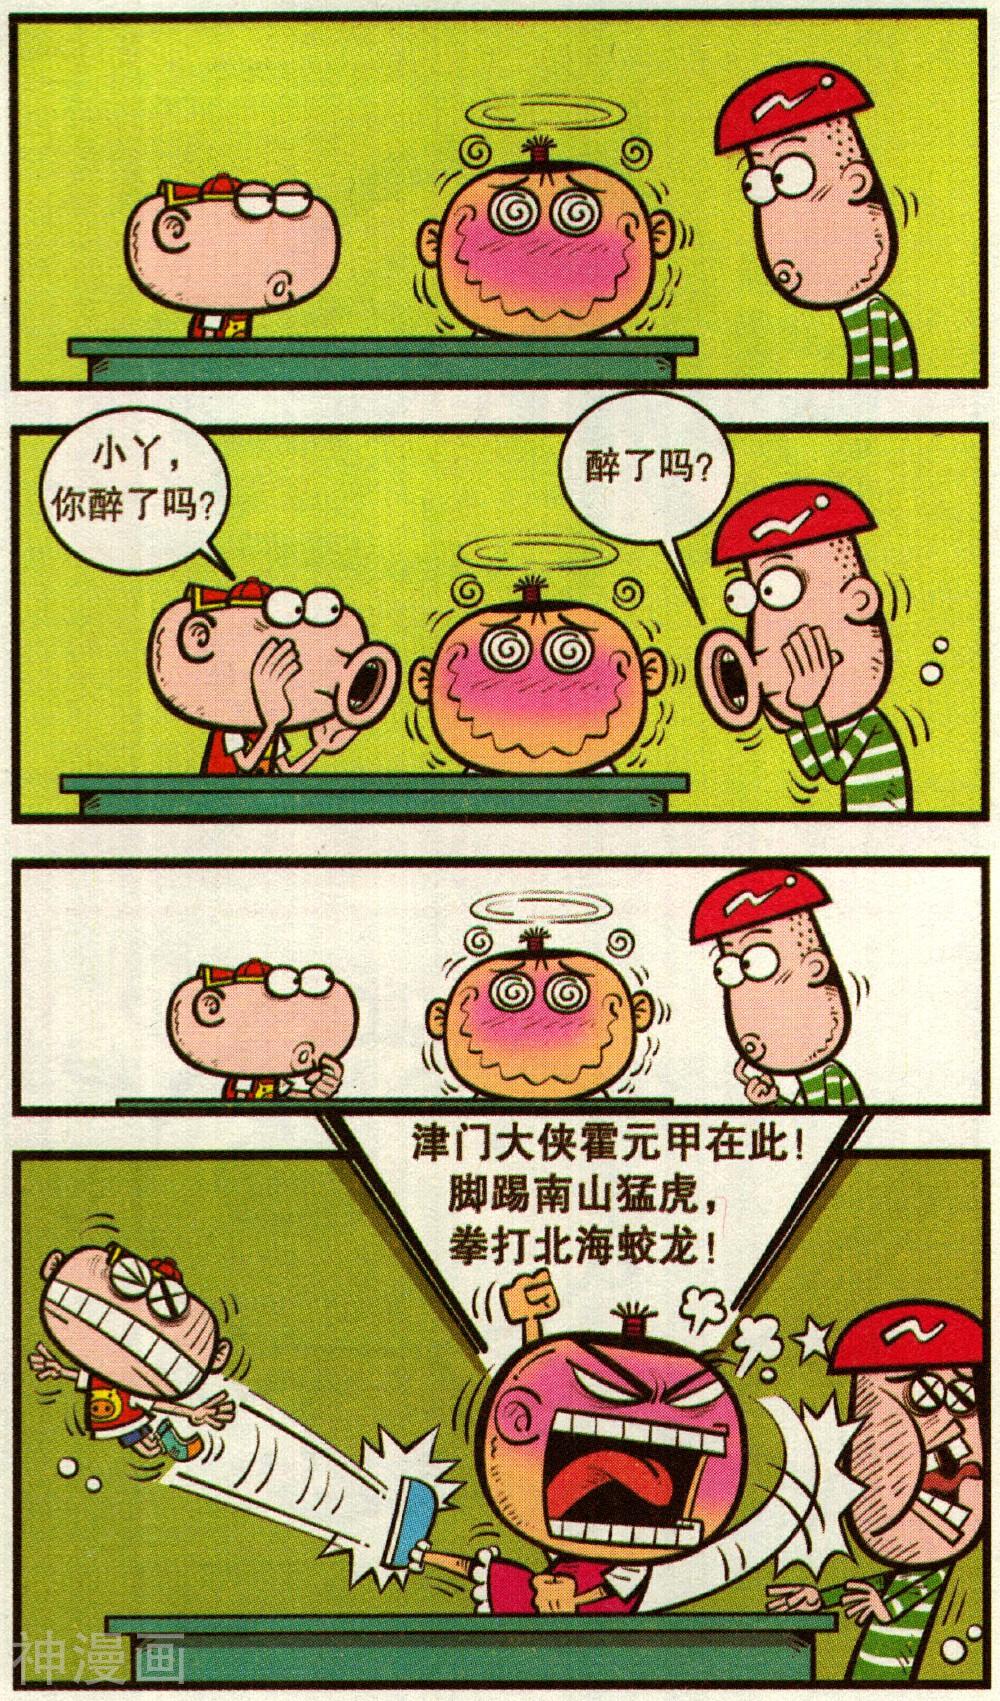 豌豆笑传漫画_《豌豆笑传》第342话在线阅读 - 韩漫之家